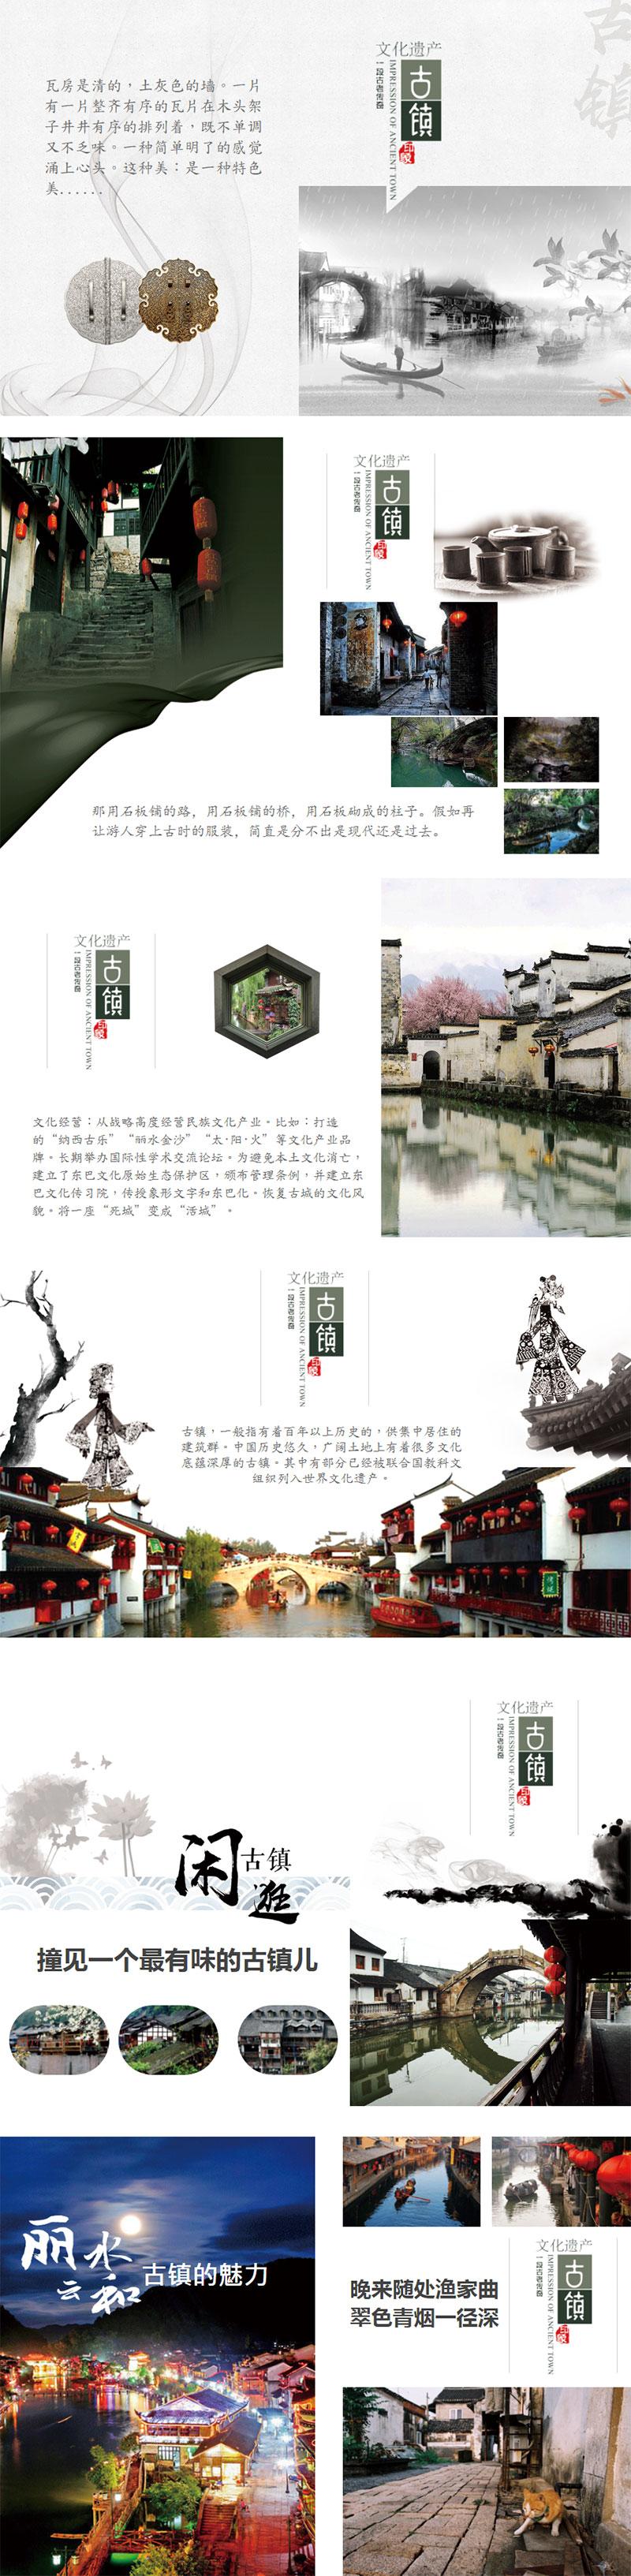 山西五台县延庆寺大雄宝殿修缮工程(金)